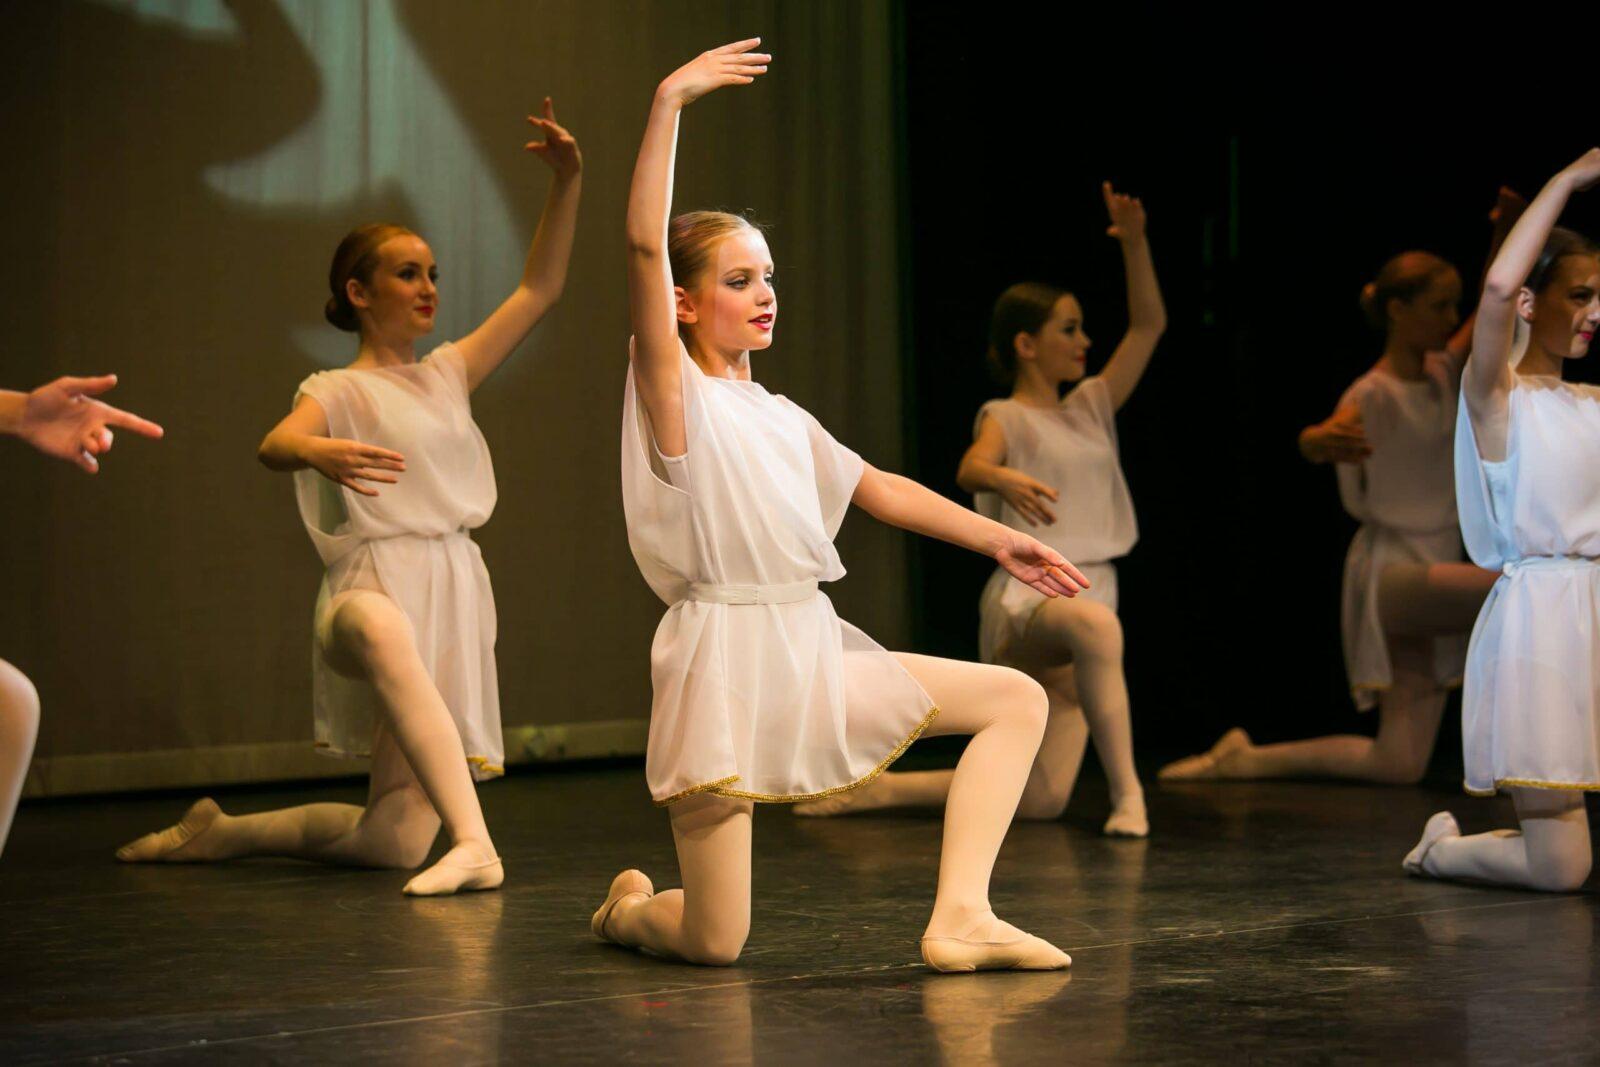 Modern dancers in Woking Surrey